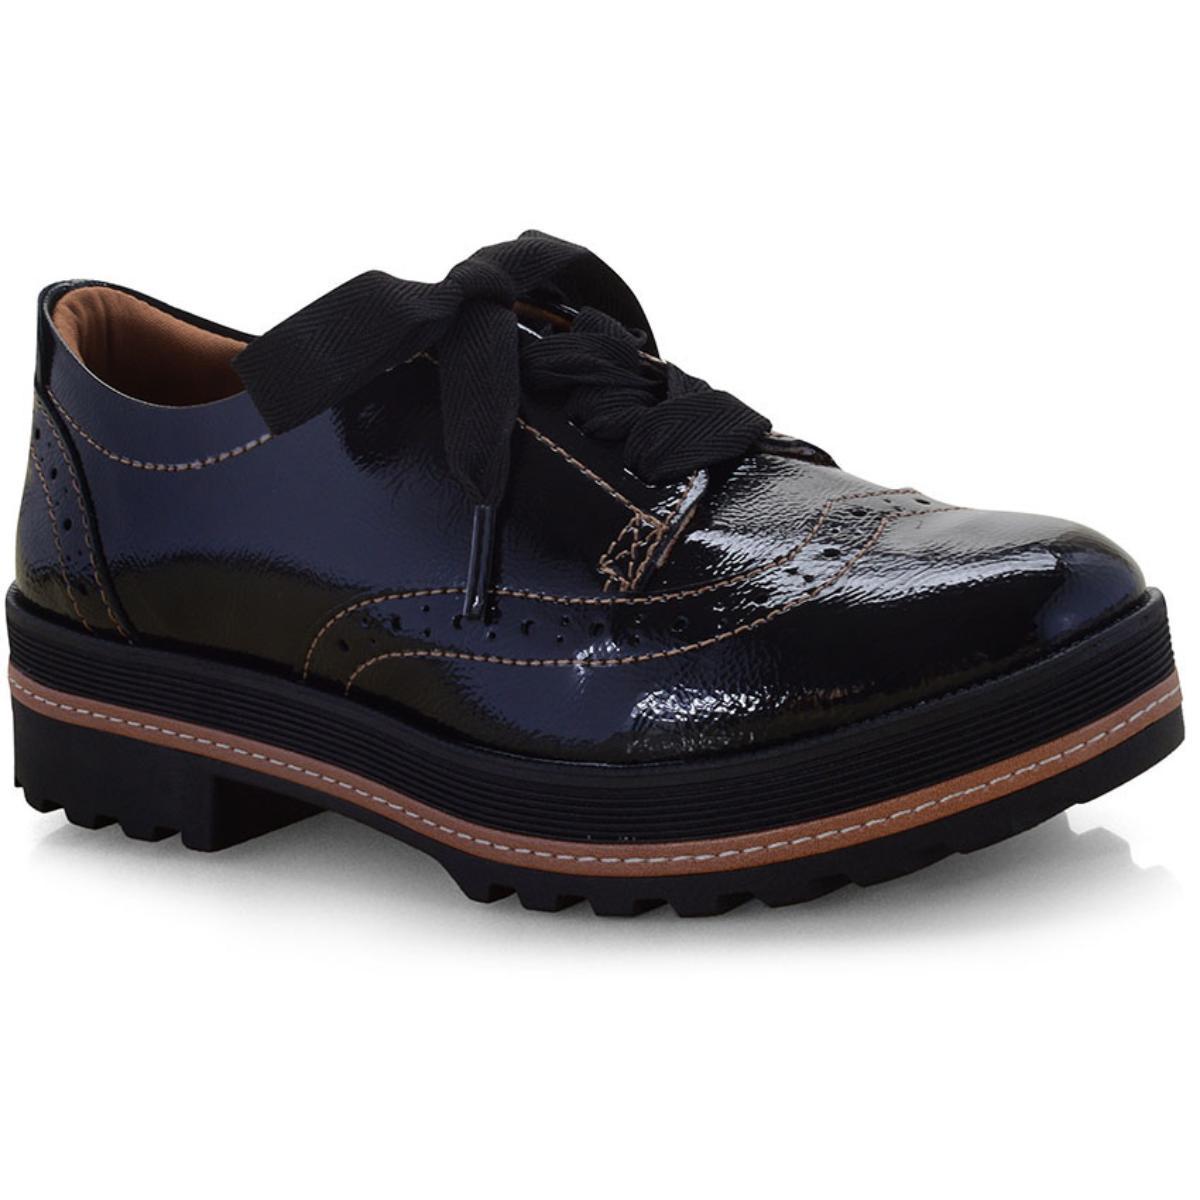 Sapato Feminino Dakota G1021 Preto